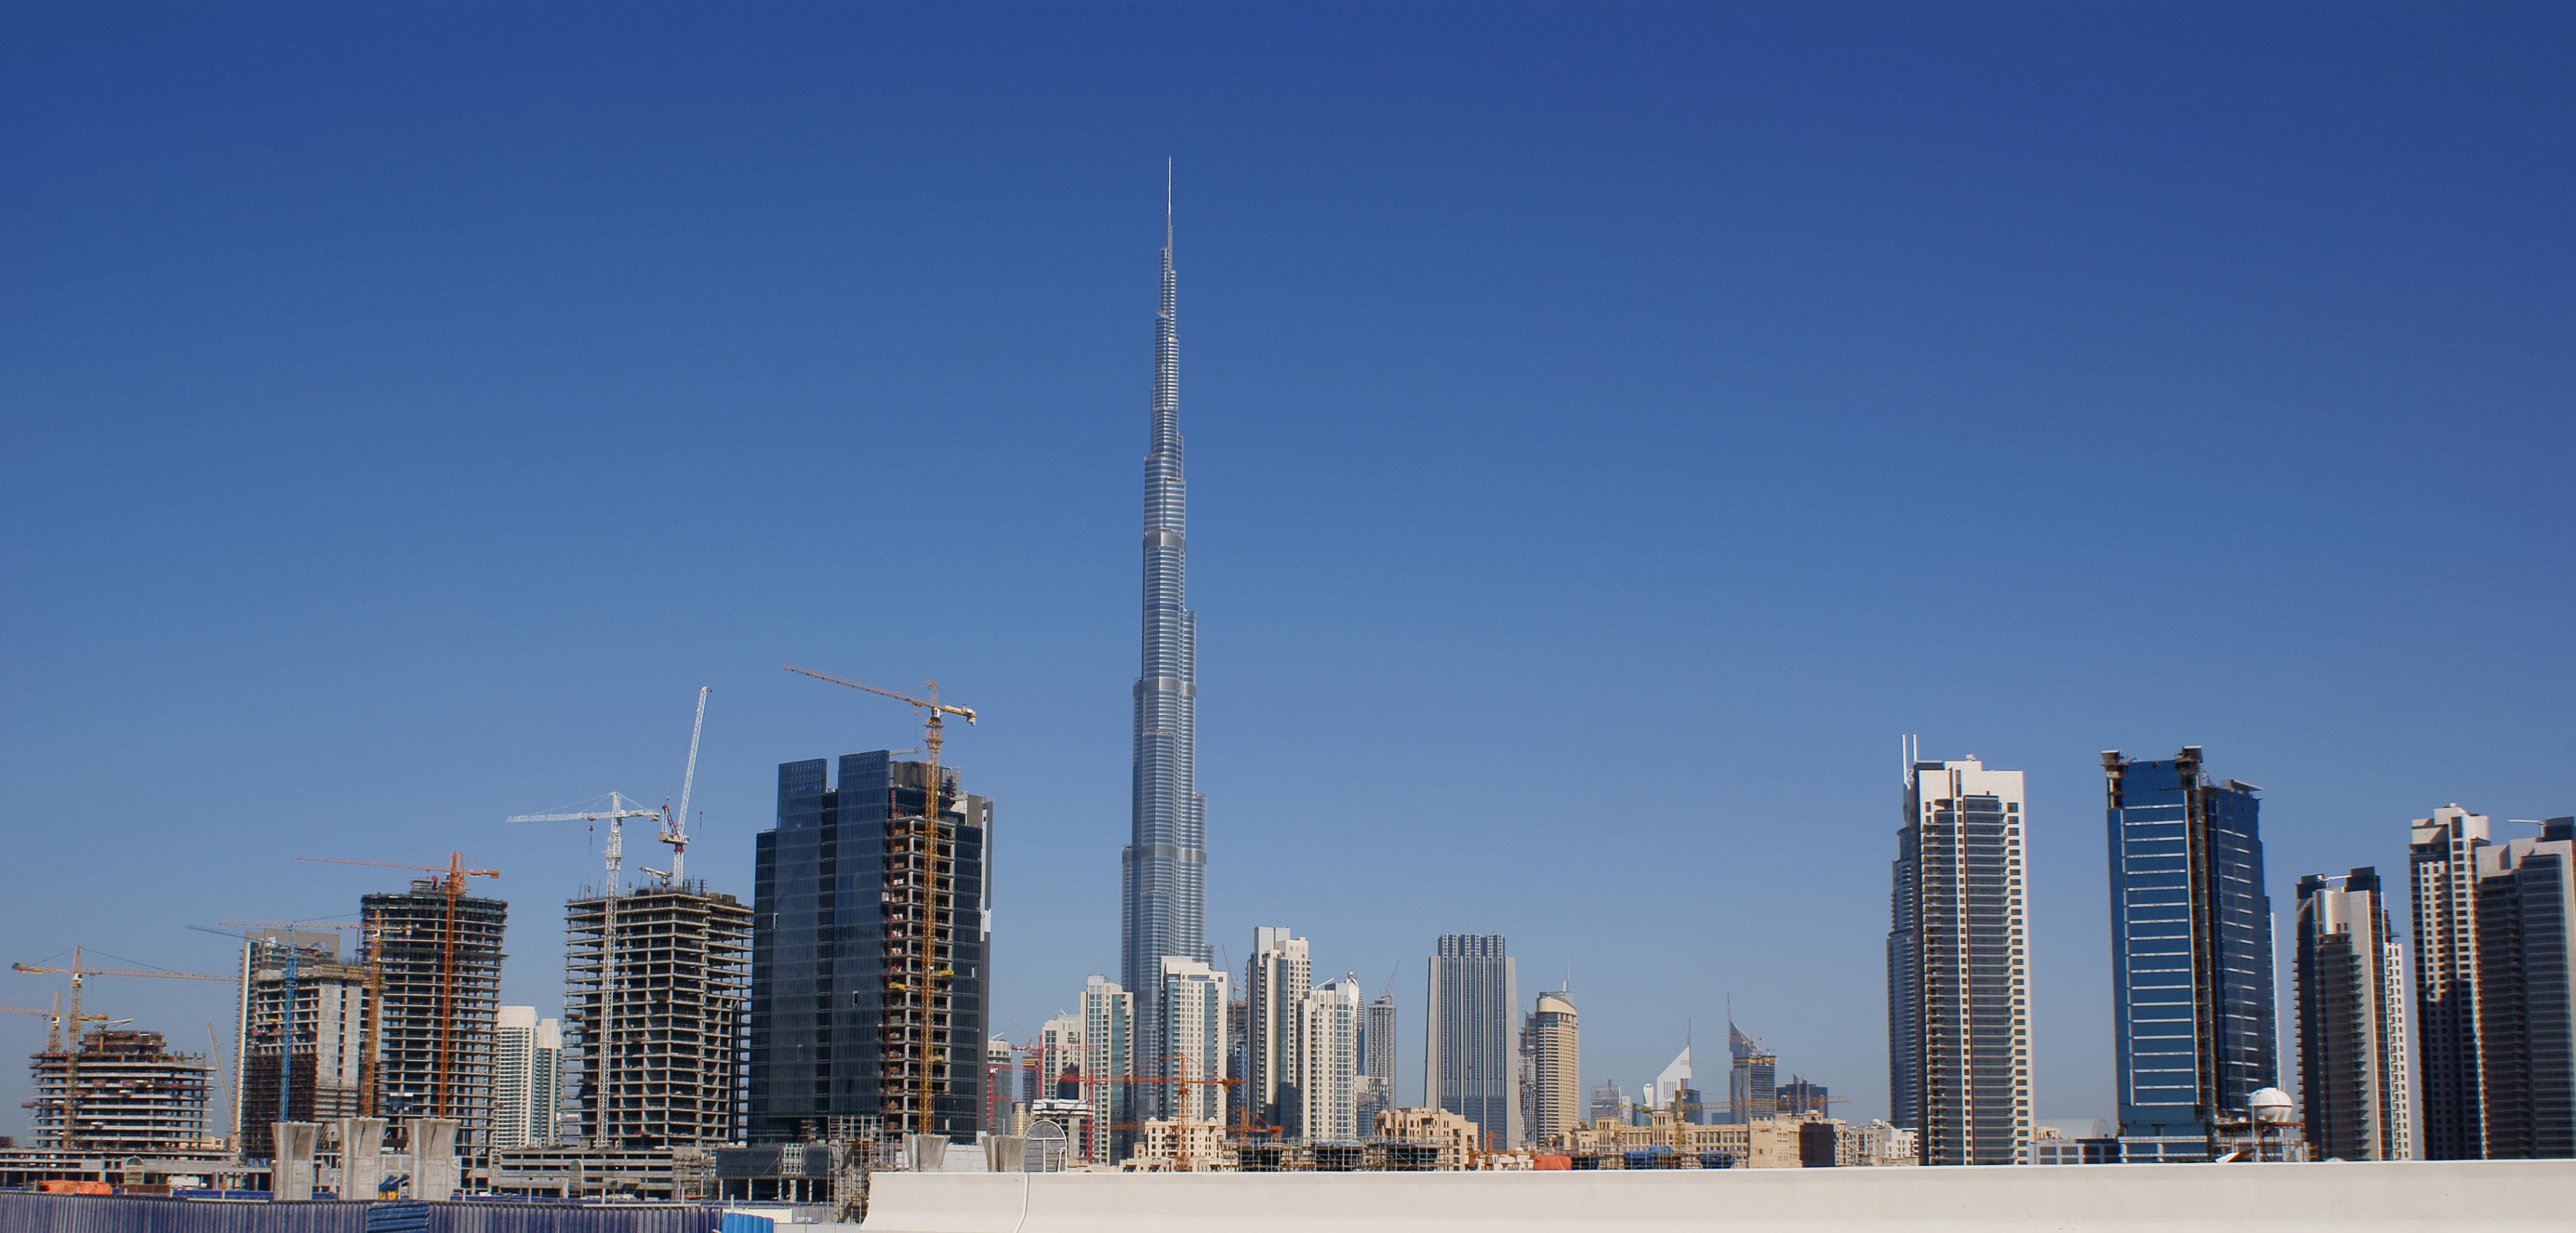 Burj Khalifa HD Wallpapers Download 3678x1761